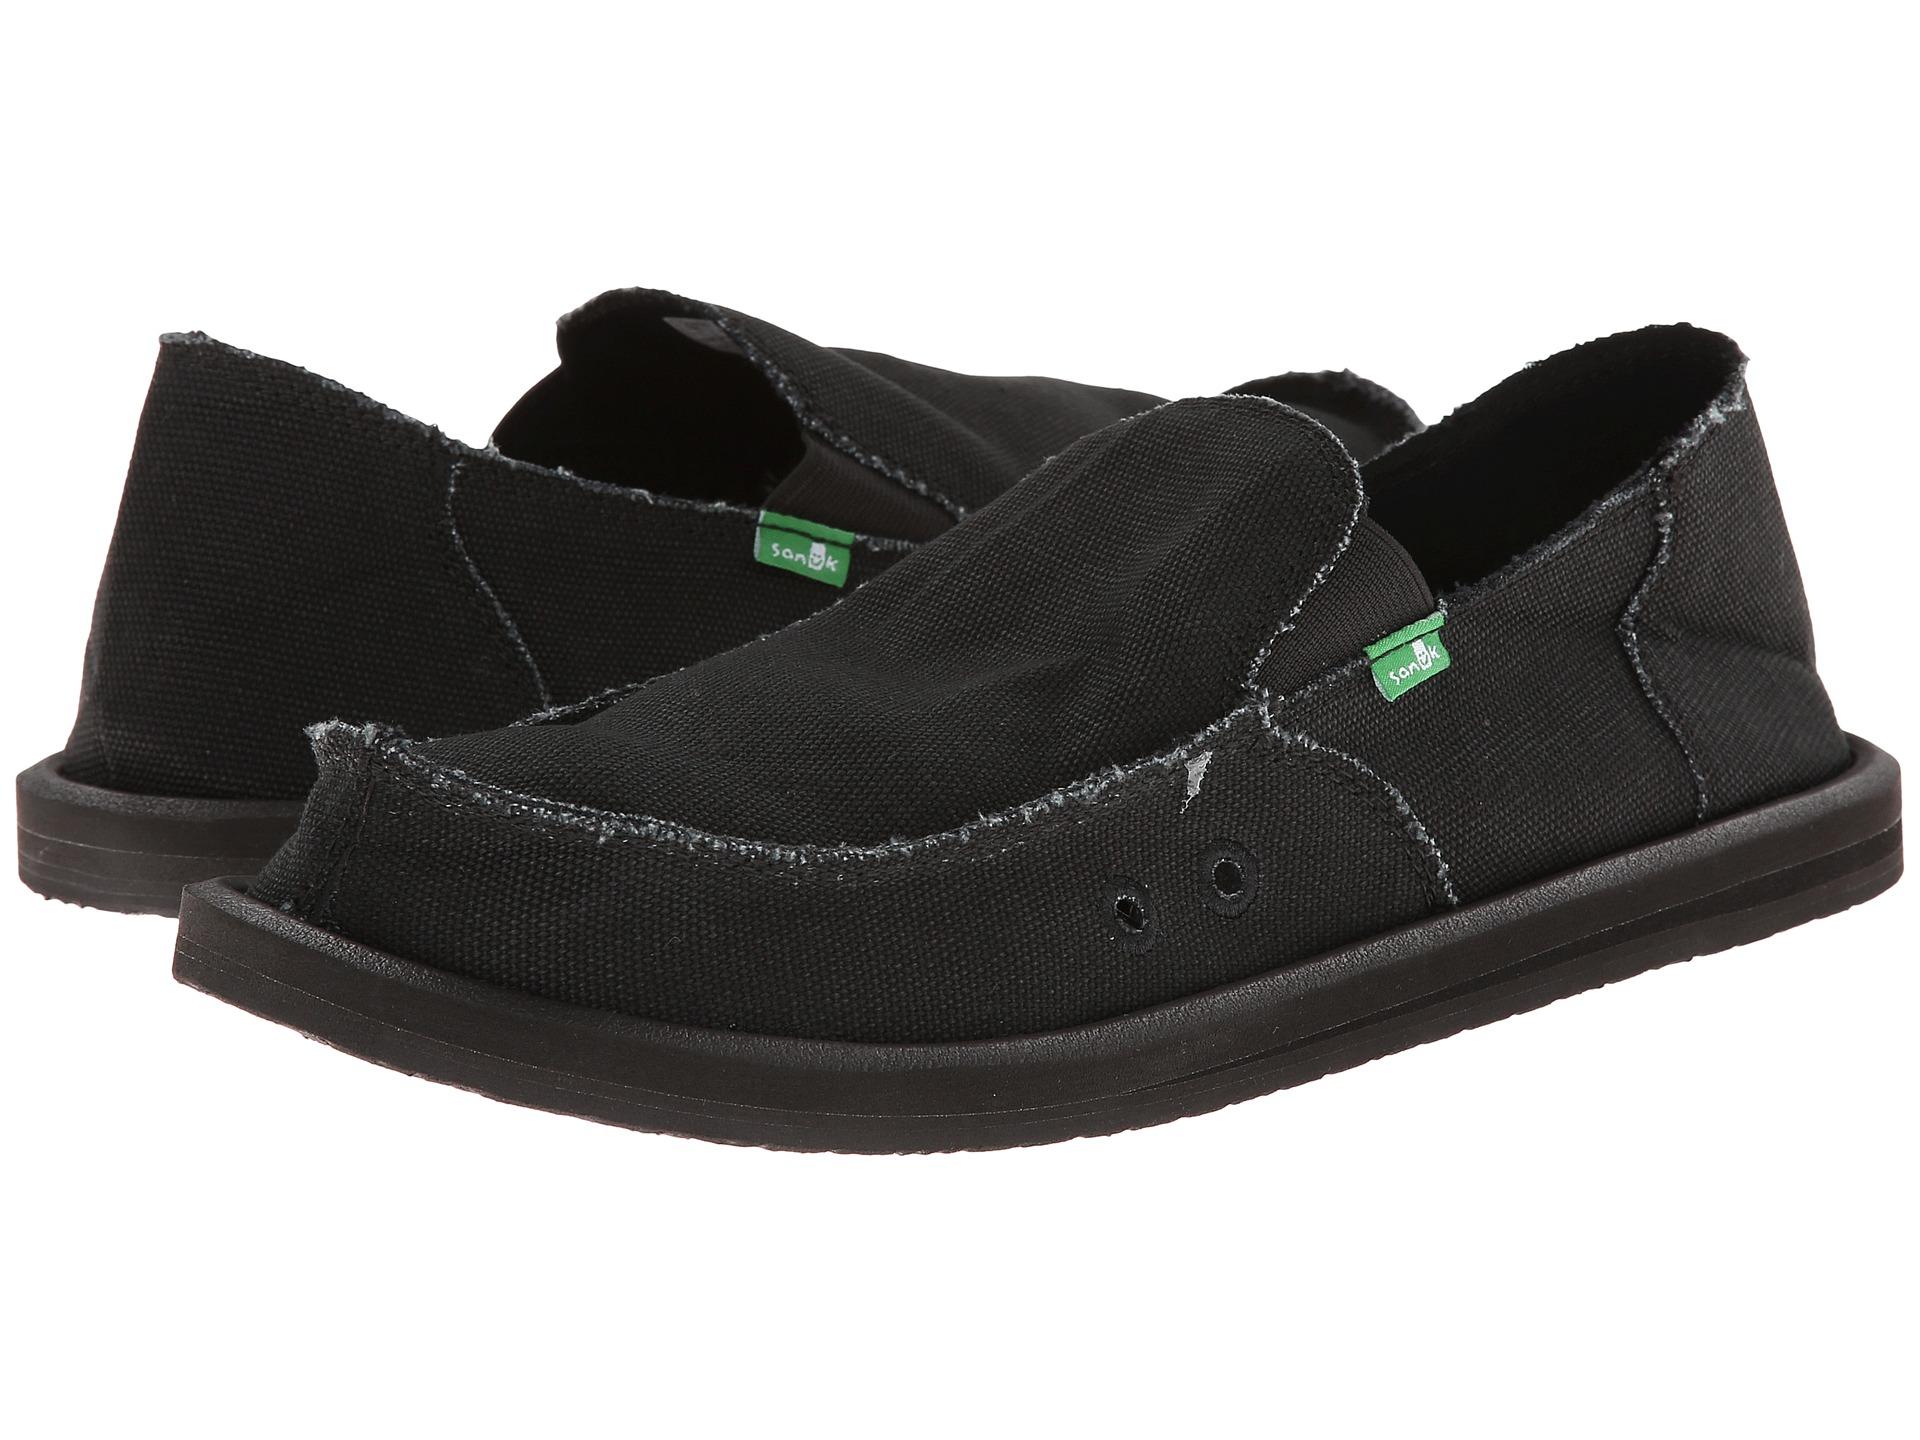 Sanuk Shoes Size